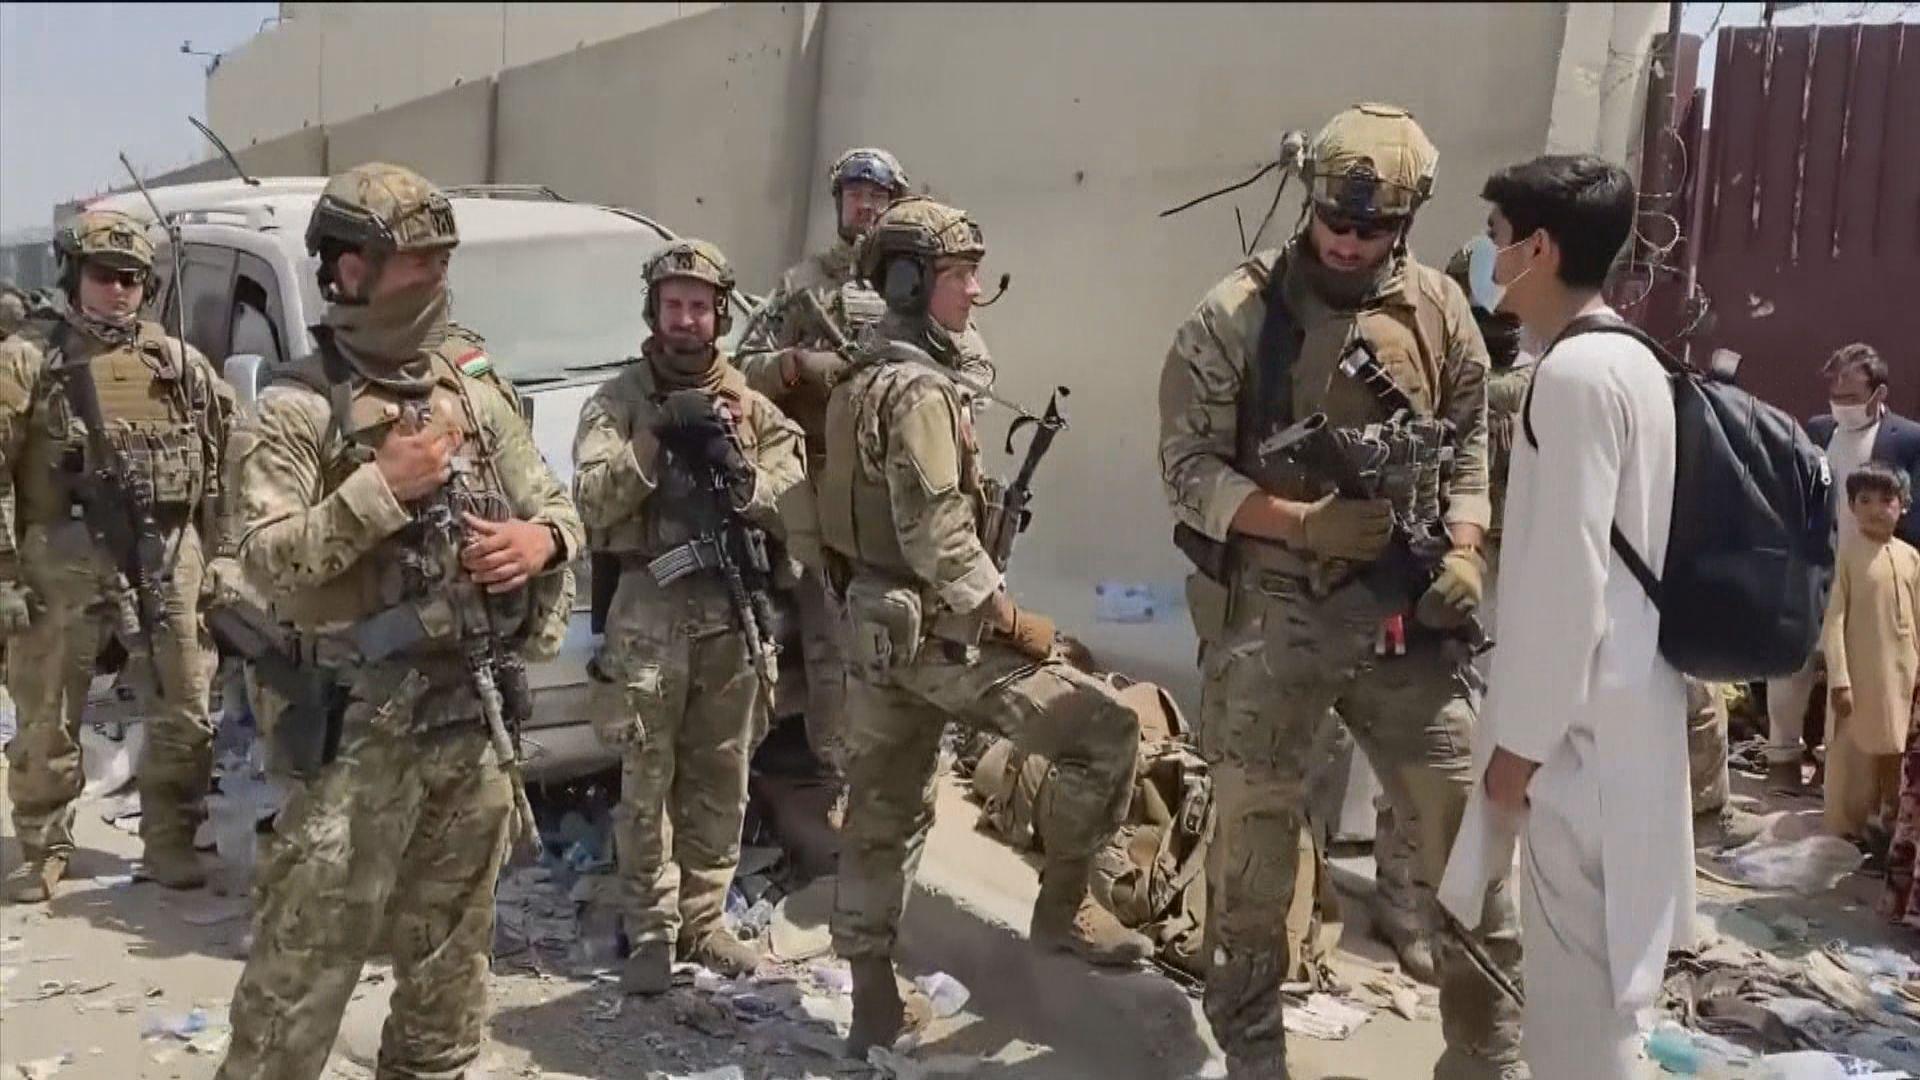 拜登重申撤軍目標不變 塔利班要求美國勿再鼓動專業人士離國